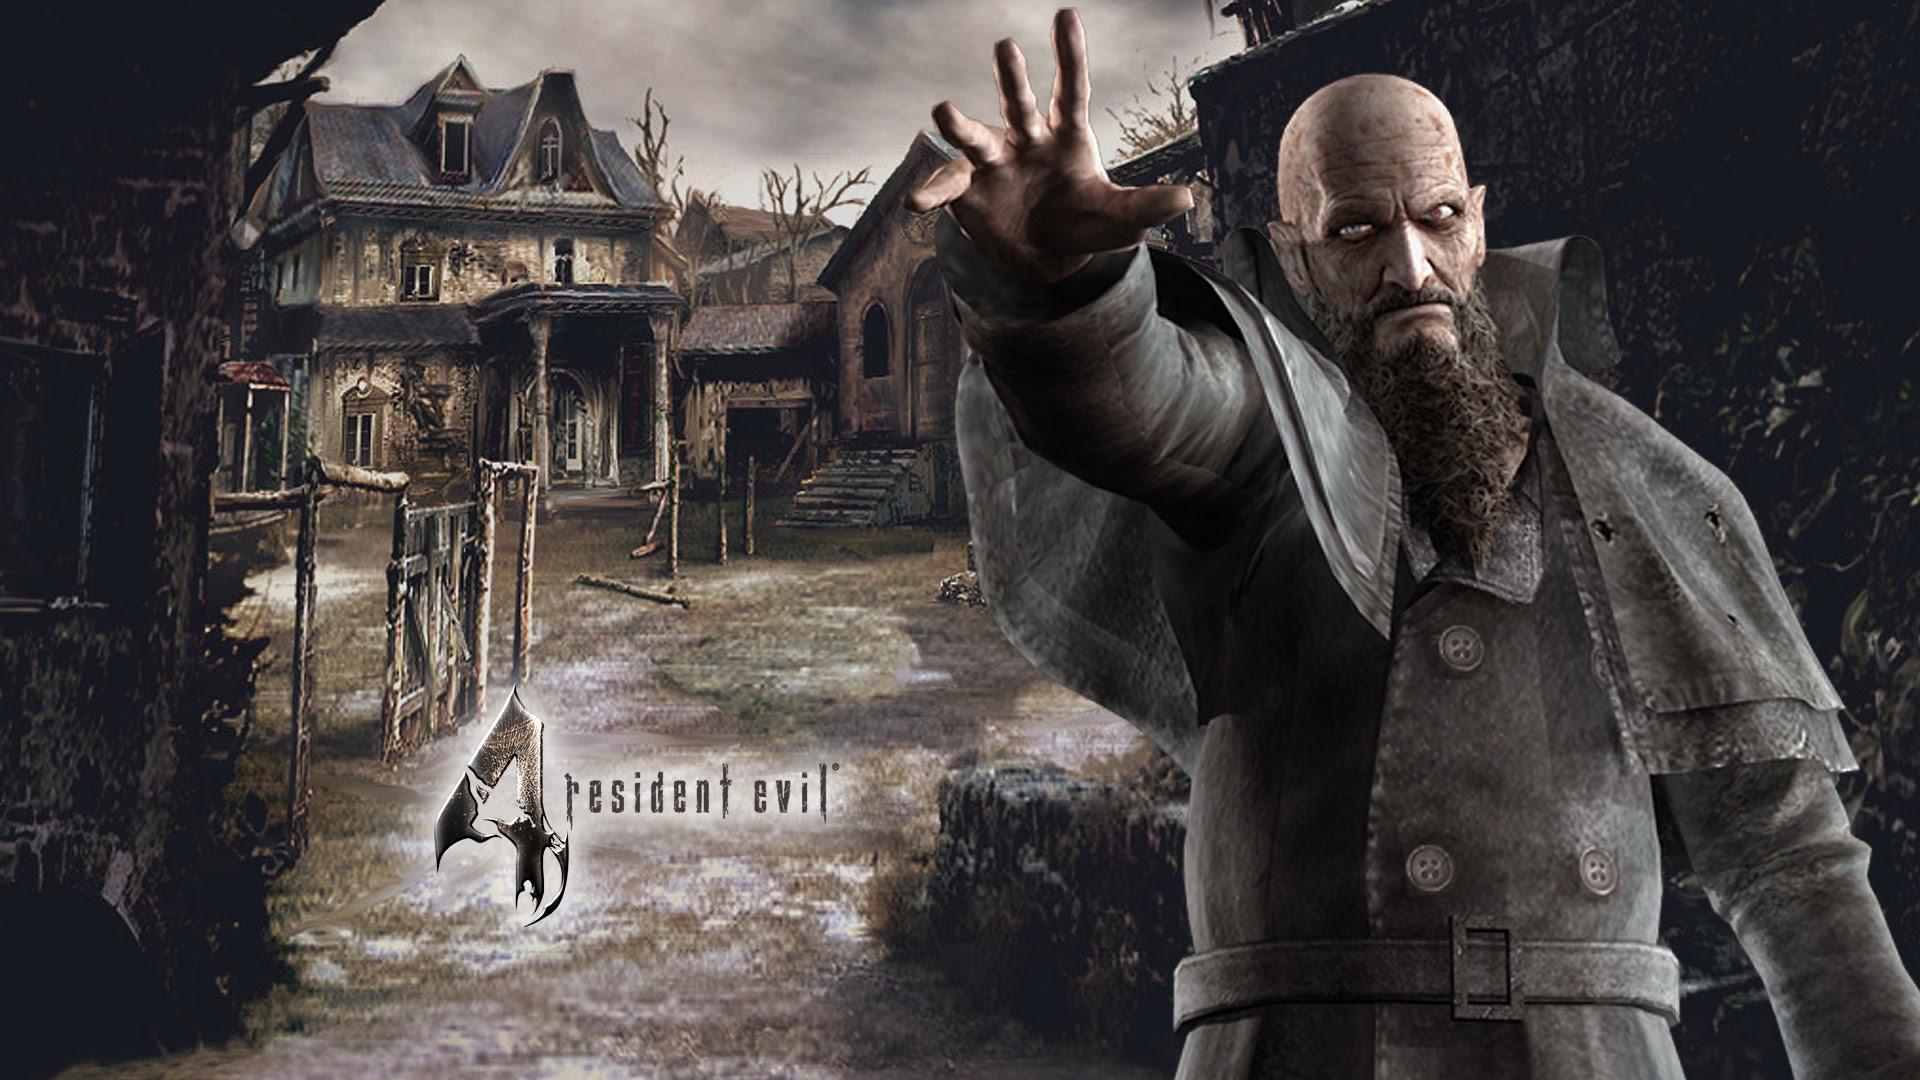 Resident Evil 4 Ps4 Nerd Bacon Reviews